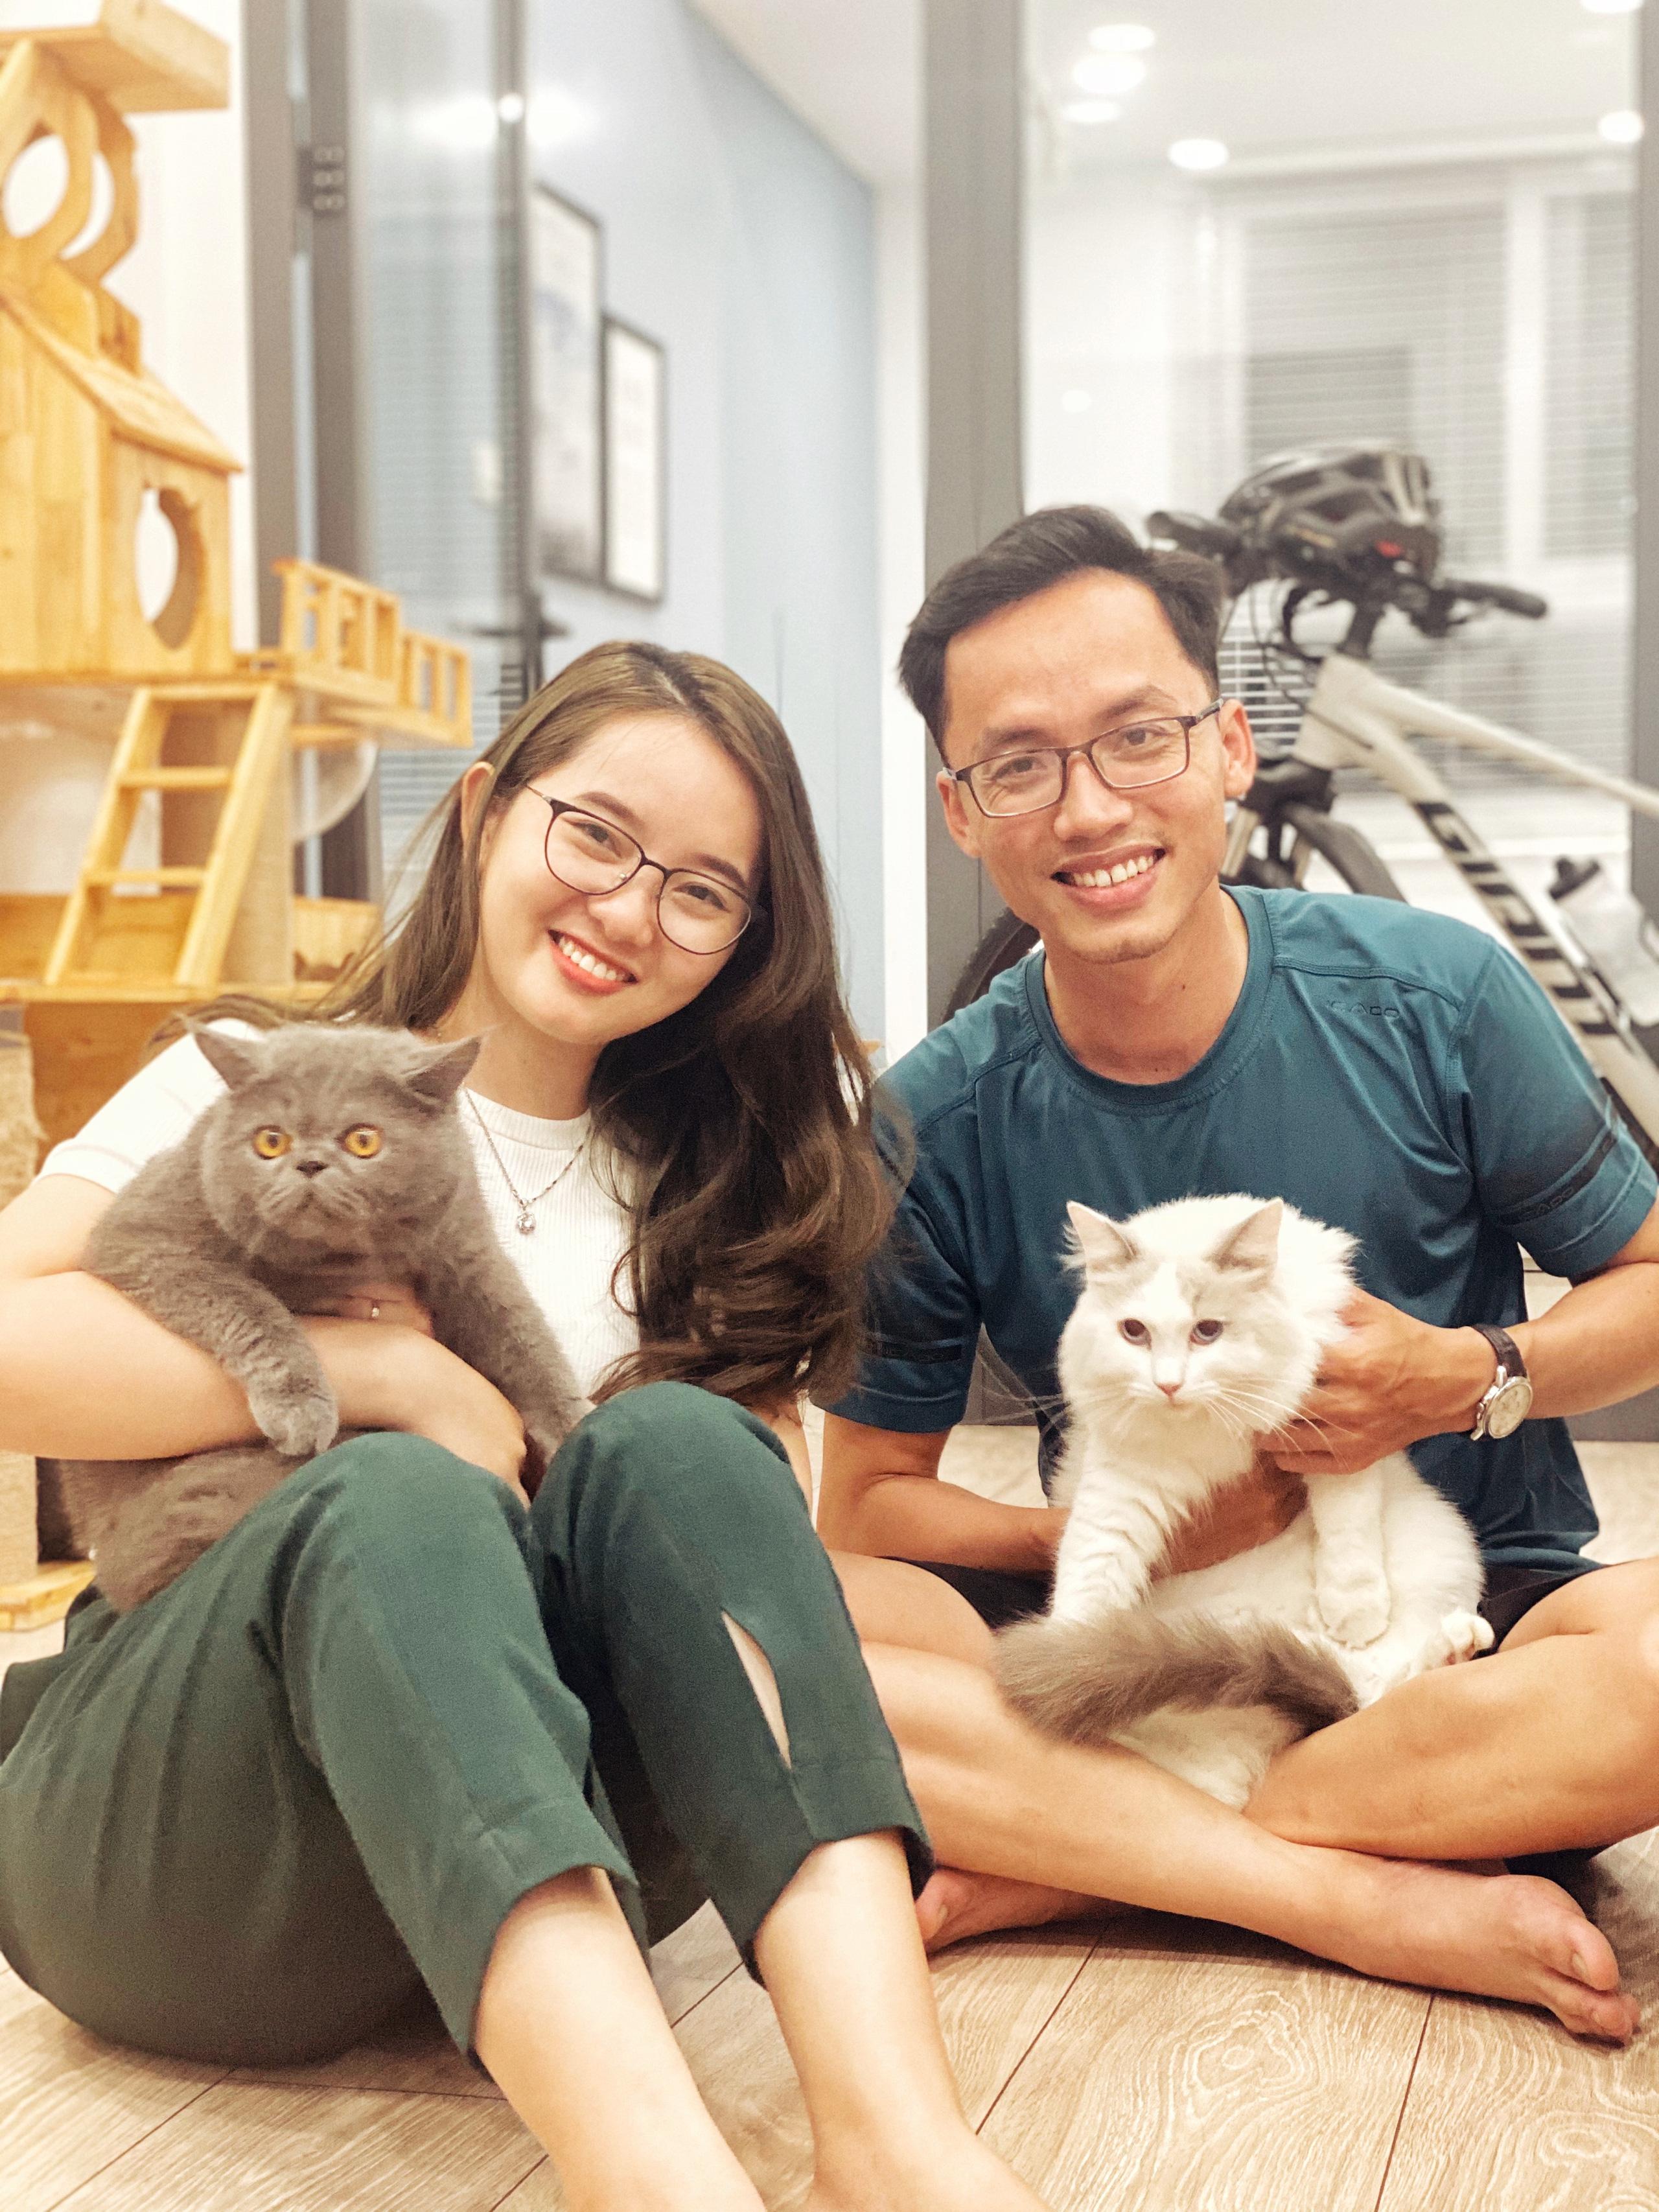 Căn hộ 65m² màu xanh yên bình của chàng trai quyết tâm mua nhà trước tuổi 30 ở Sài Gòn - Ảnh 2.